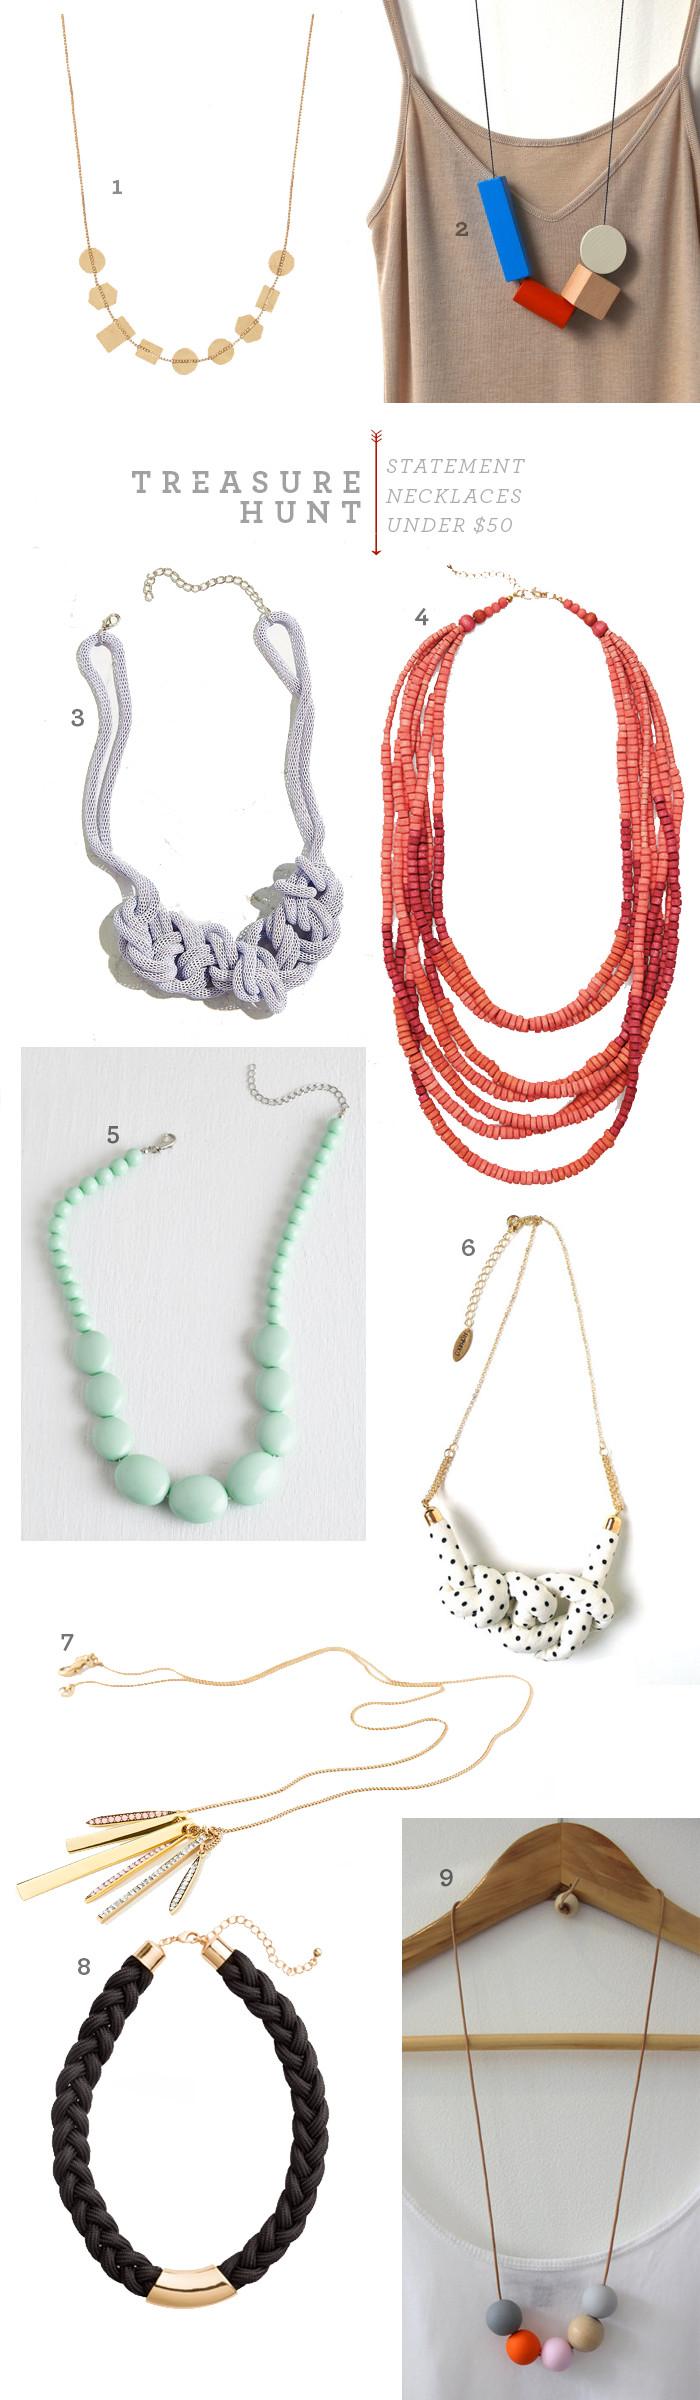 oldsweetsong_treasurehuntnecklaces.jpg